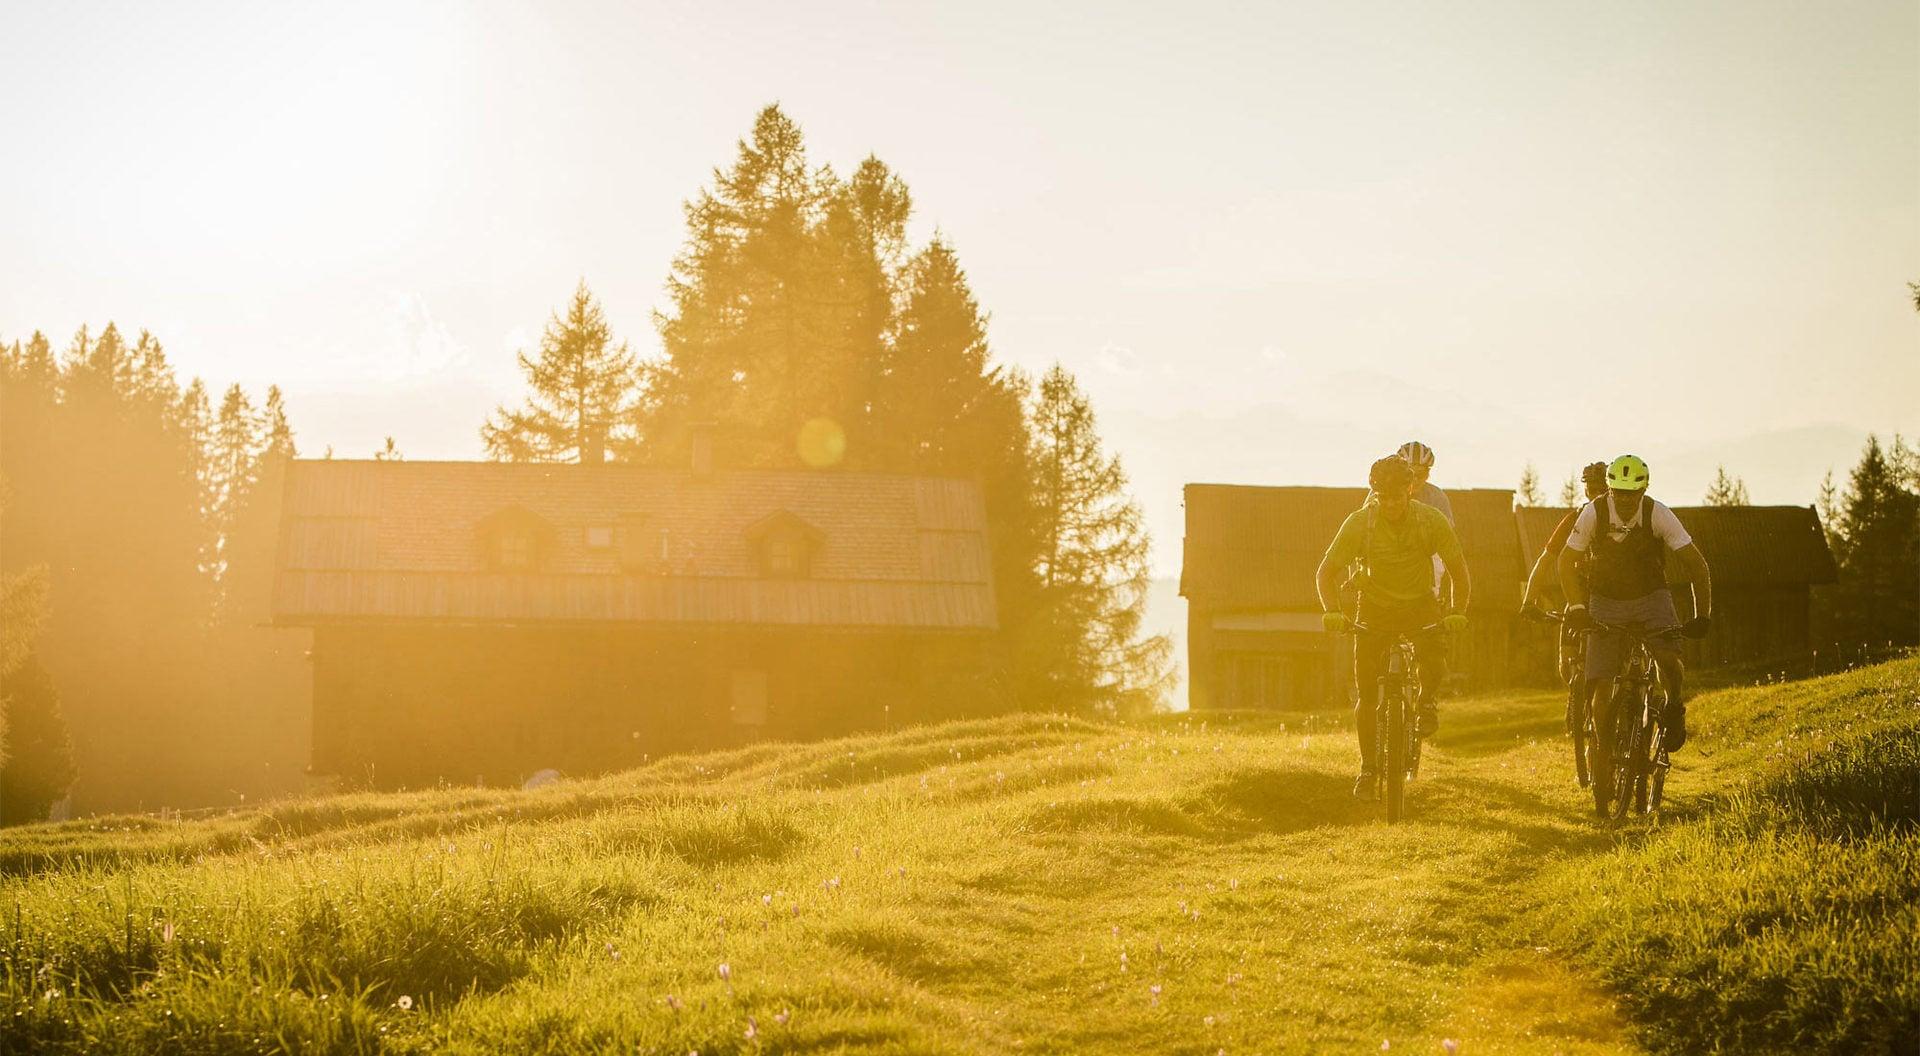 Preferite un trail da MTB o una pista ciclabile? Tranquillità o adrenalina?